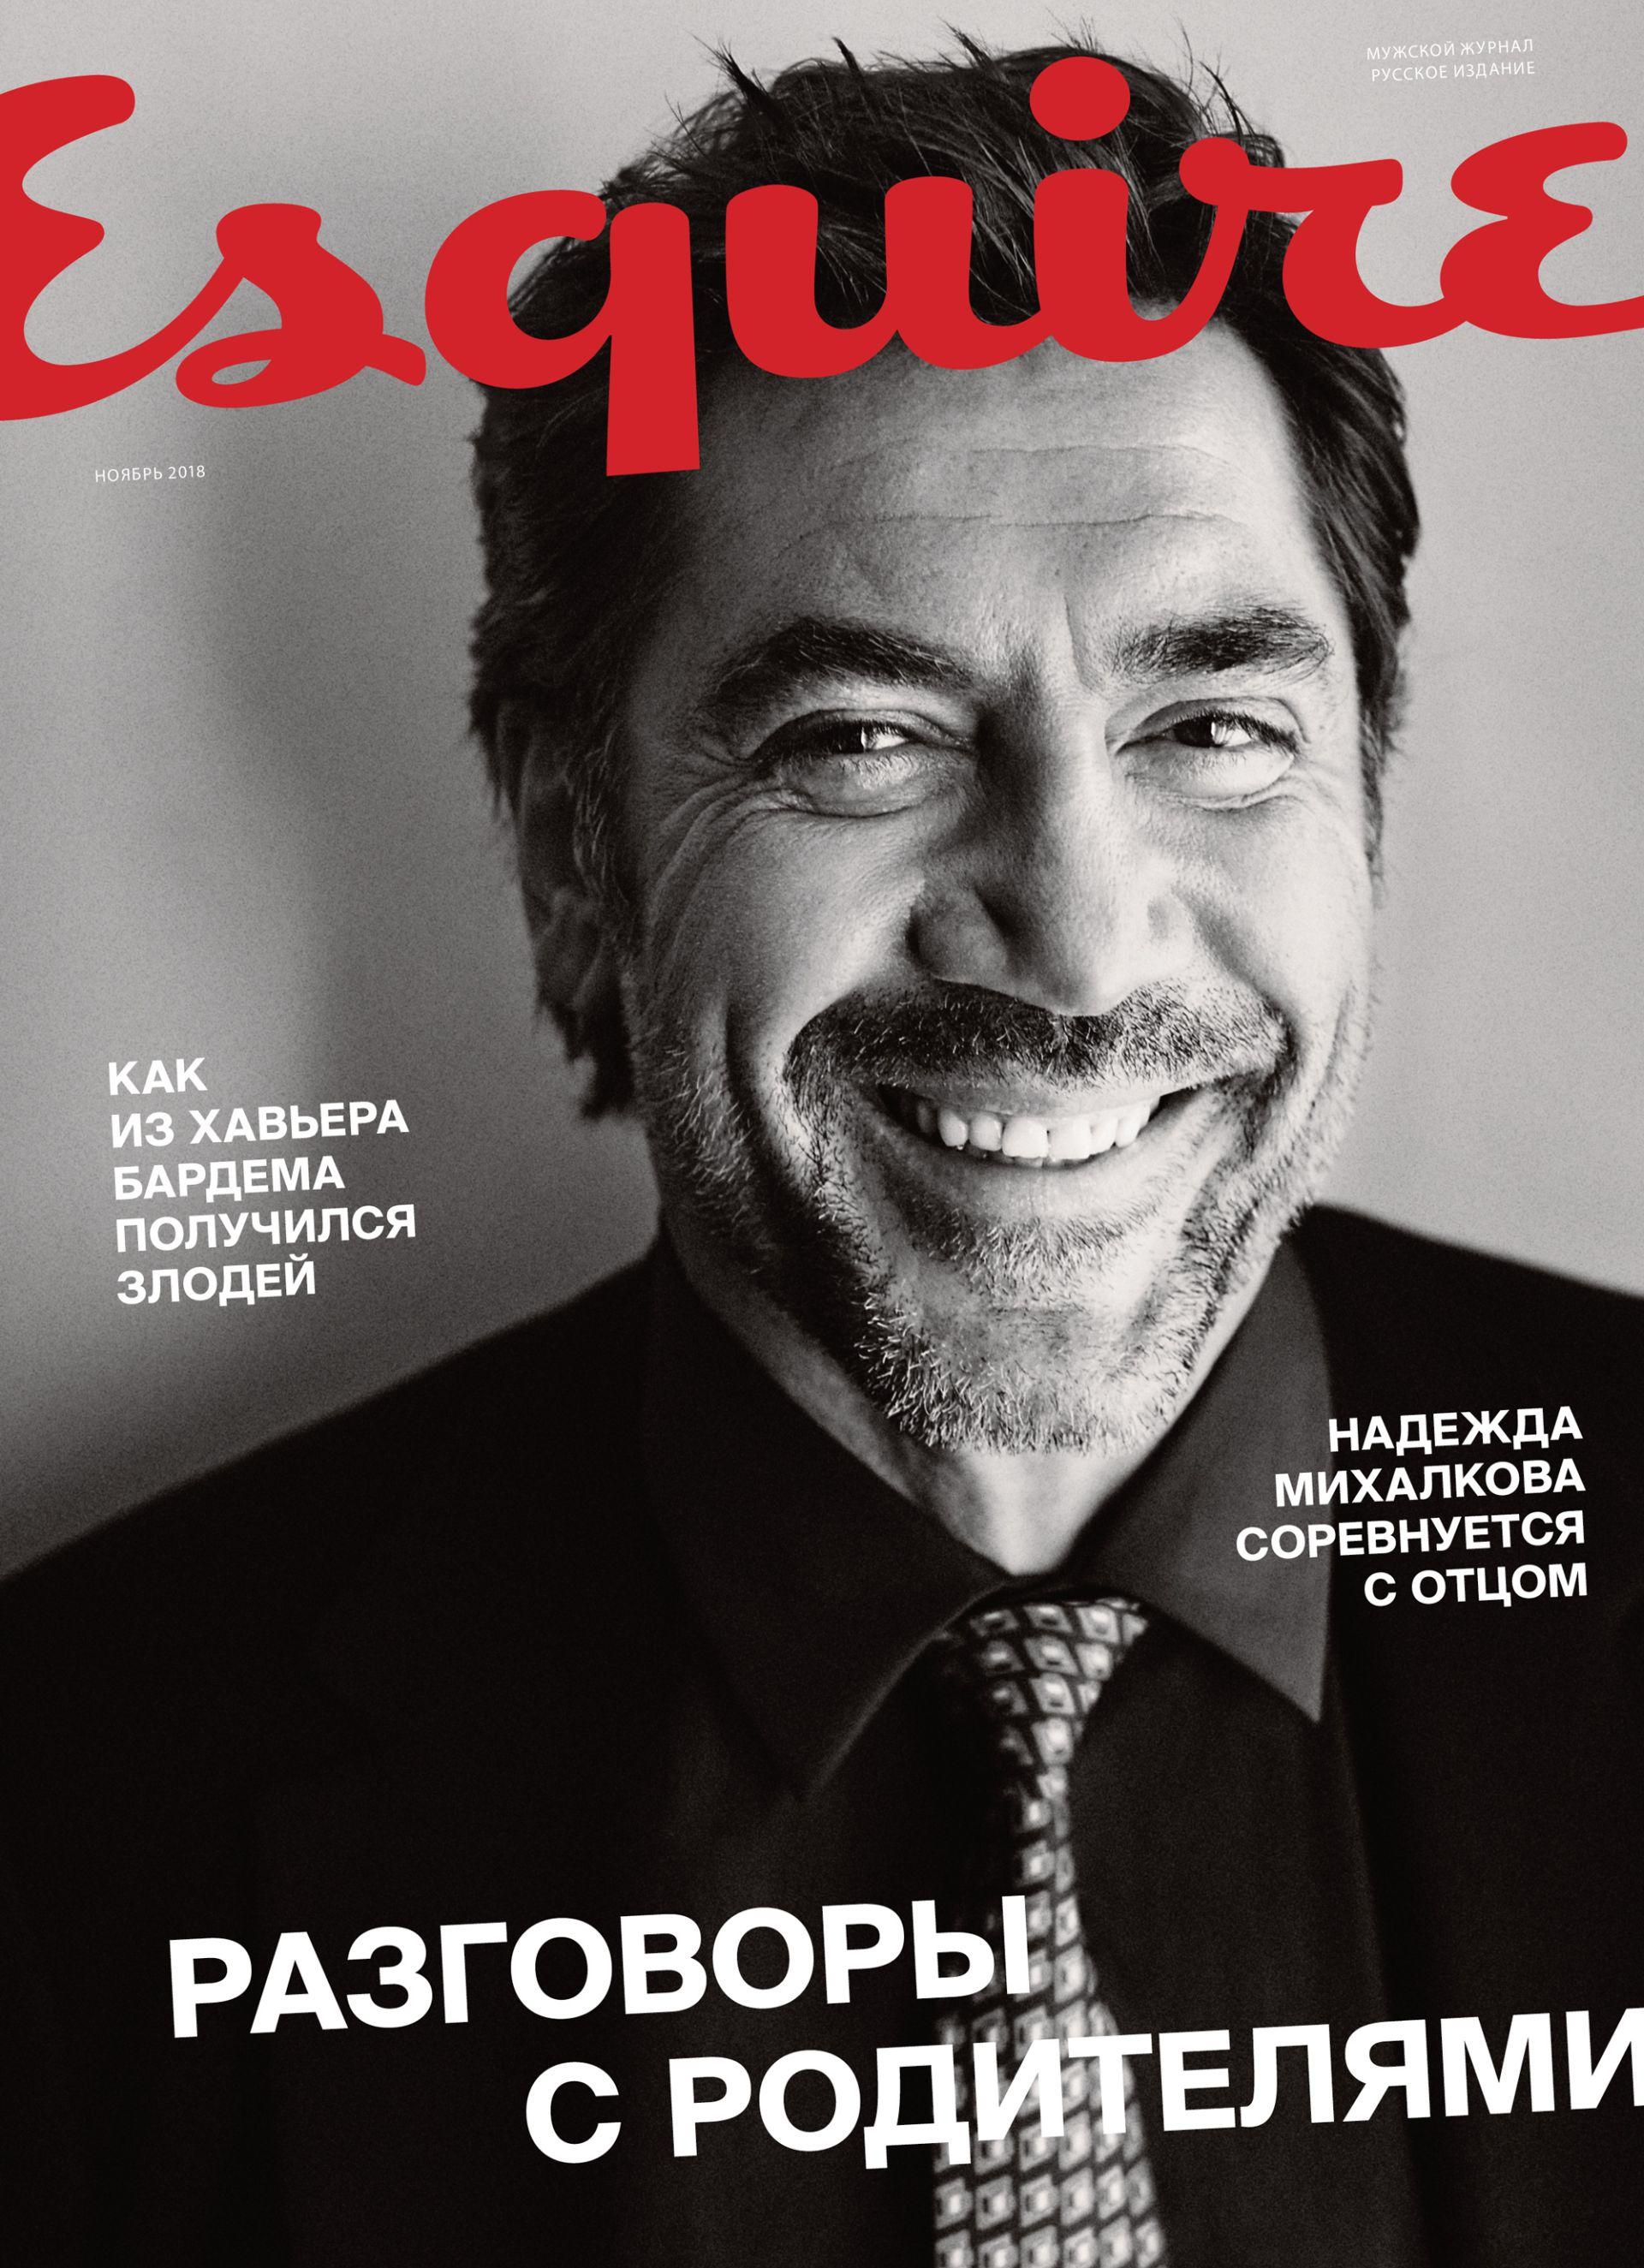 Брутальные кухни в журнале Esquire